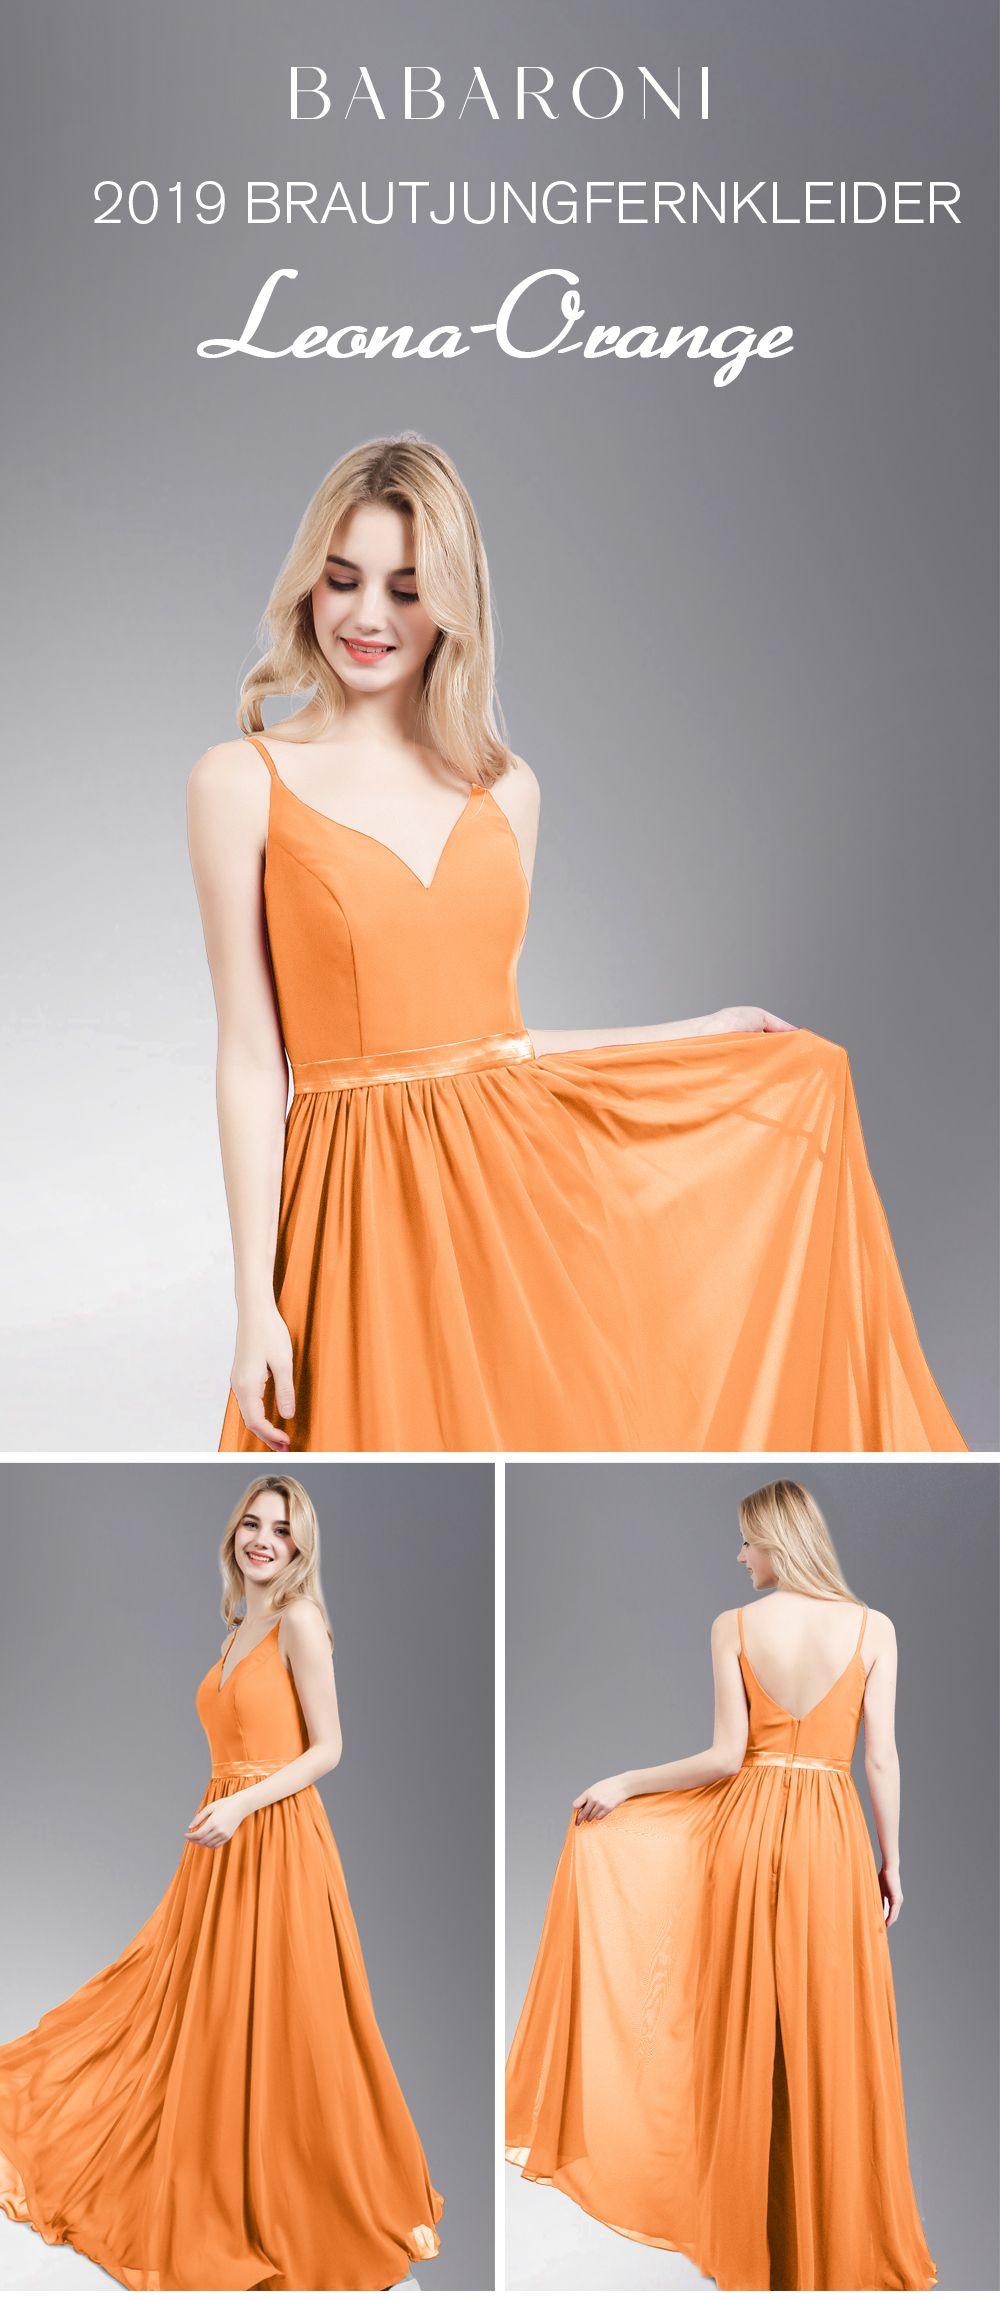 Dieses Kleid Ist Mit A-Linie-Schnitt Entworfen, Um Die Figur